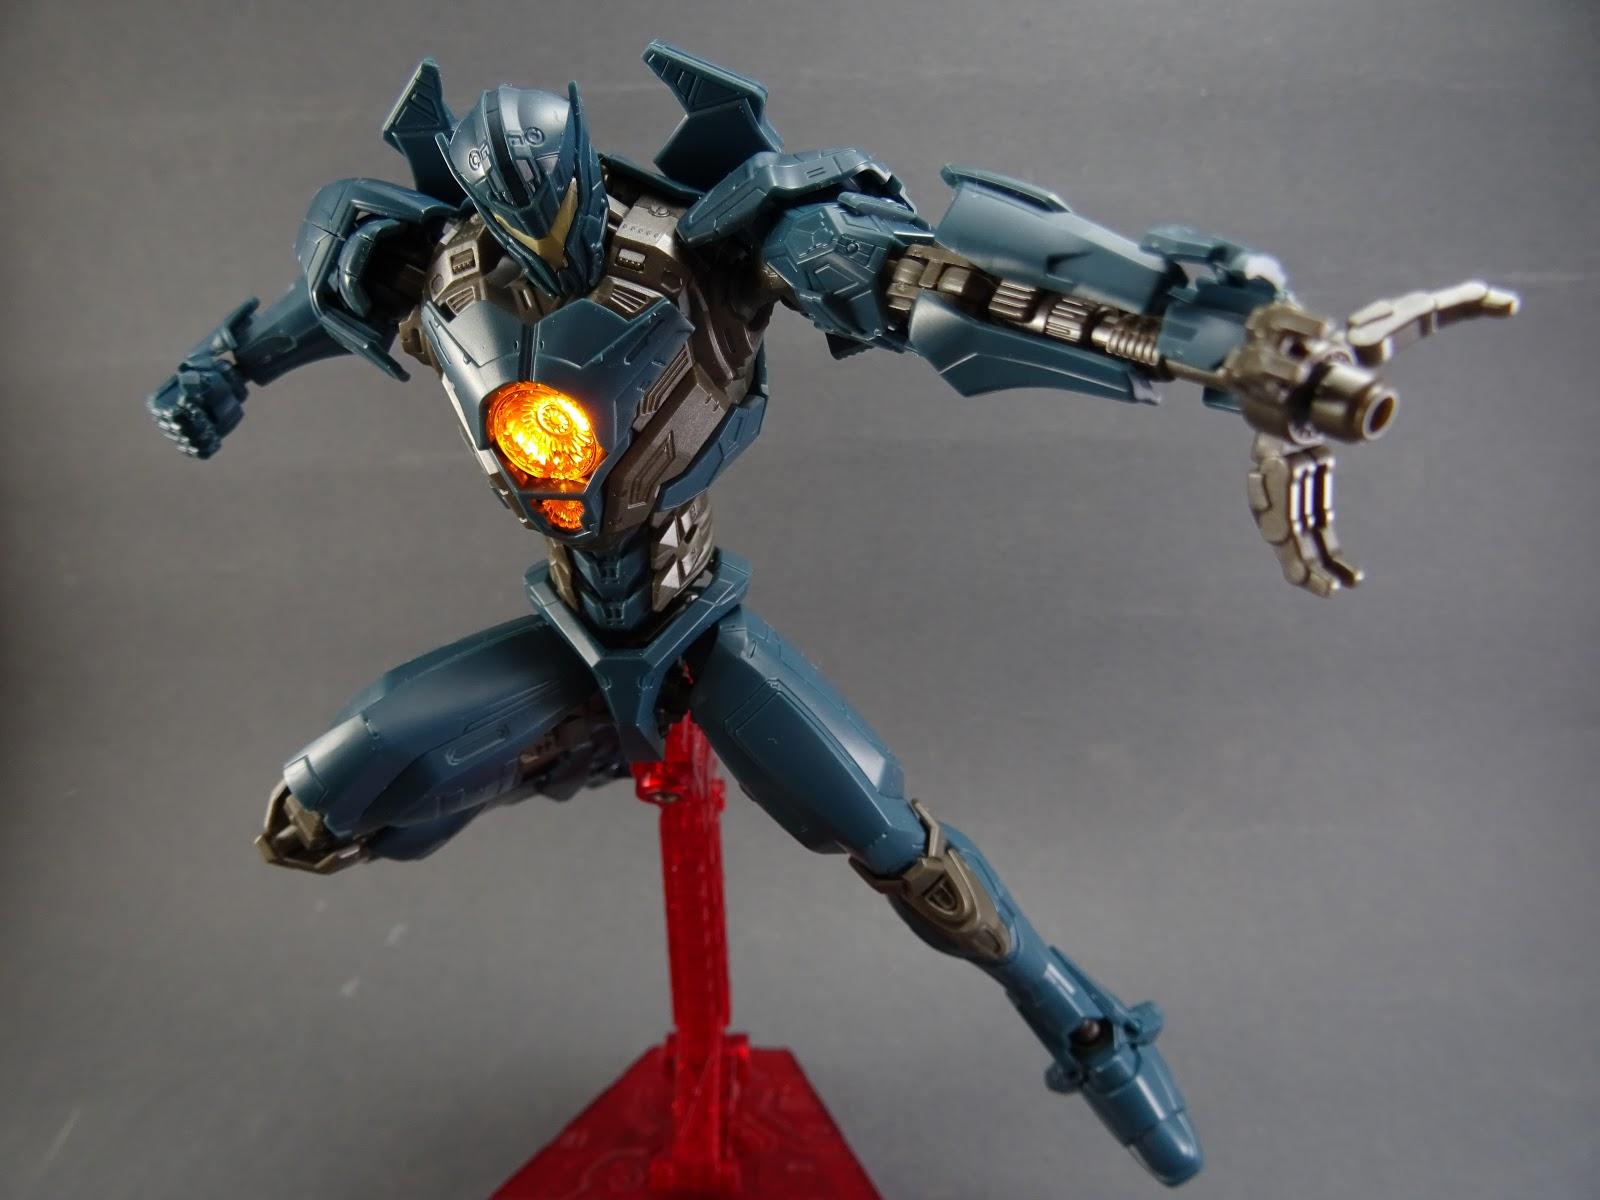 HG Gipsy Avenger